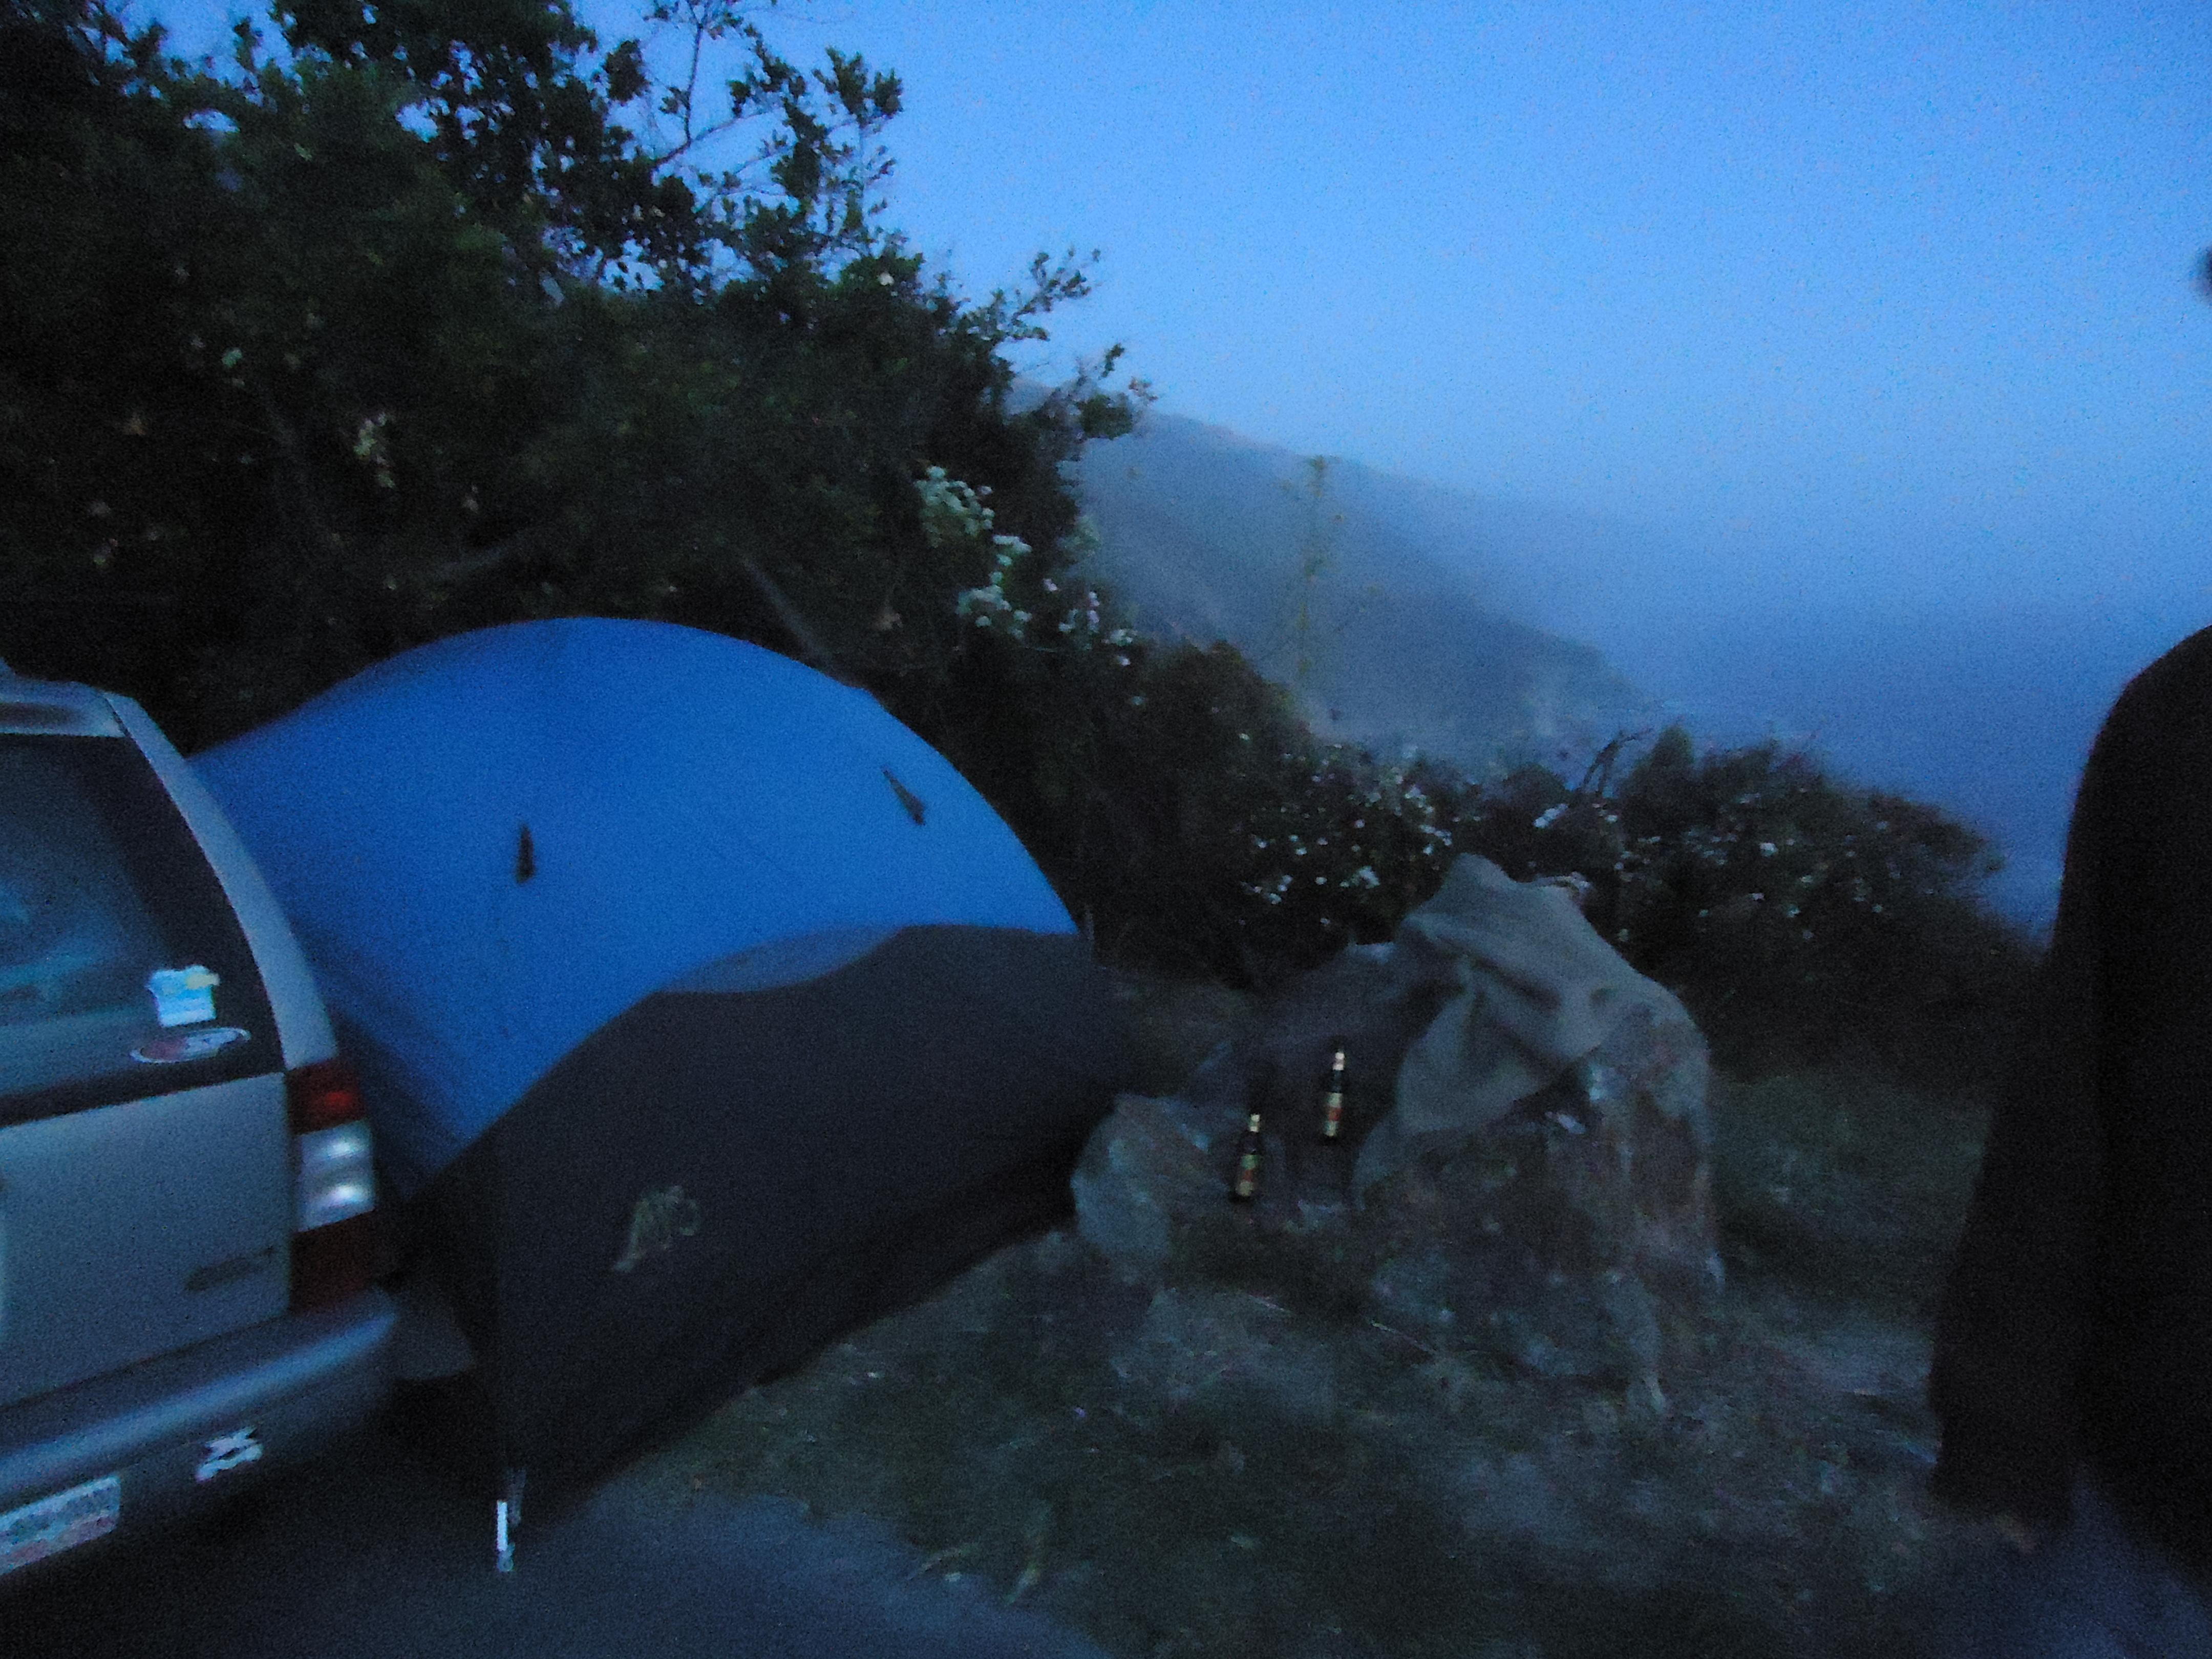 Camping, Road Trip